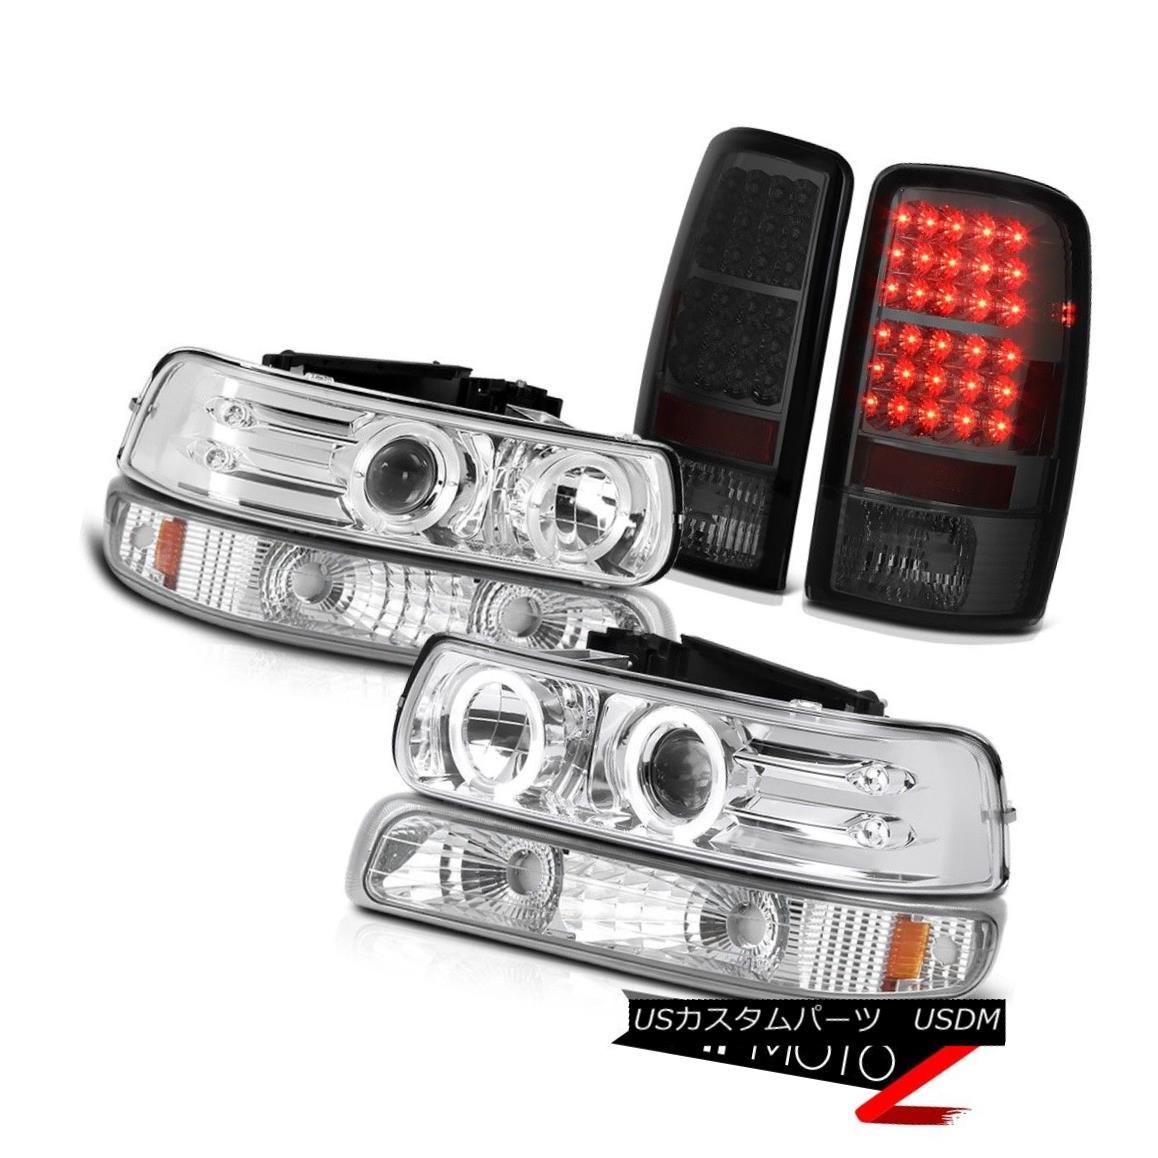 ヘッドライト 2000-2006 Suburban 5.7L Halo LED Projector Headlights Dark Brake Tail Lights 2000-2006郊外5.7L Halo LEDプロジェクターヘッドライトダークブレーキテールライト